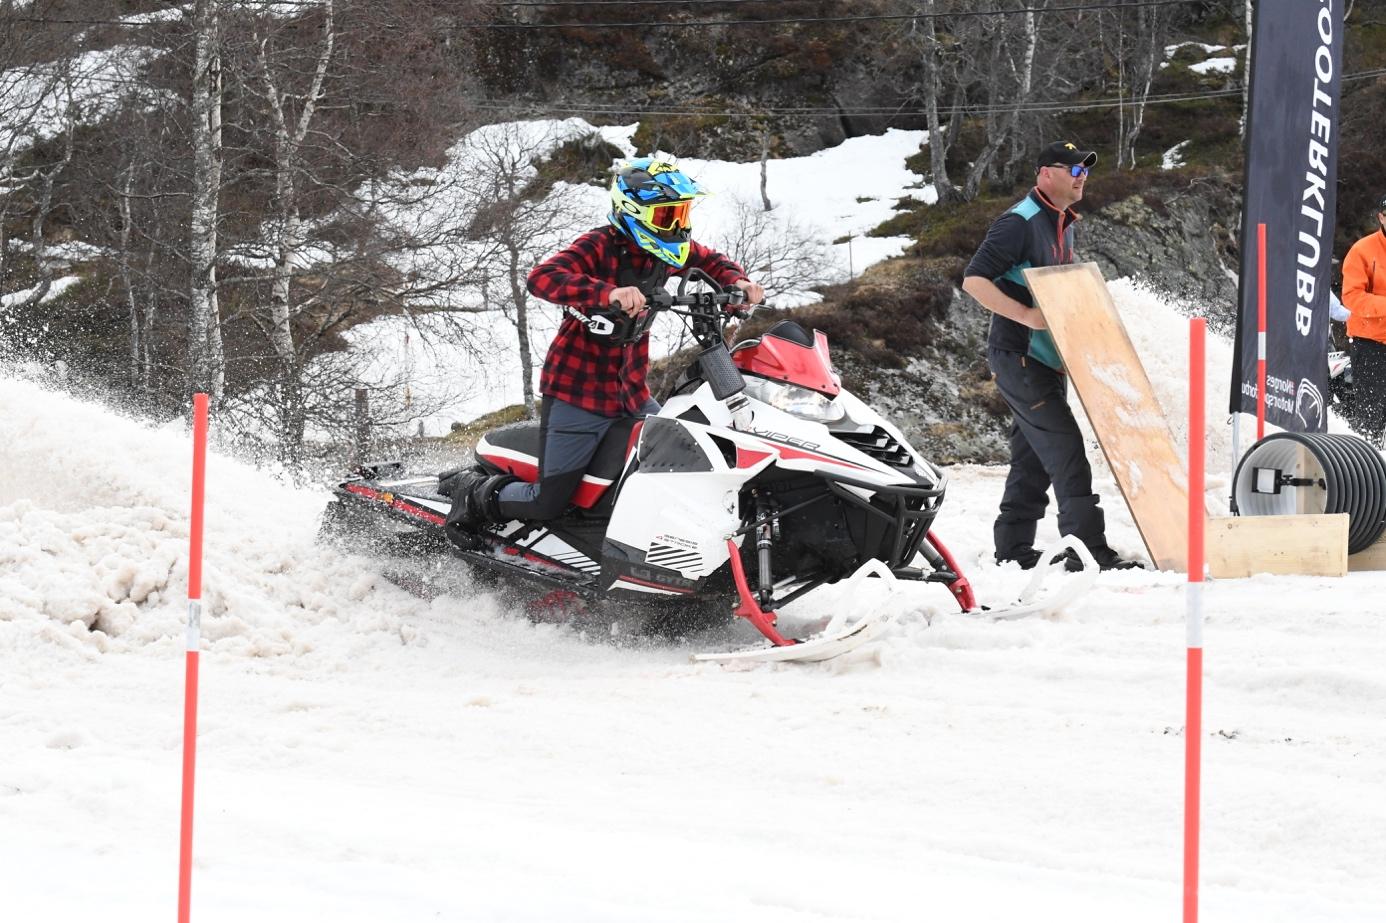 Et bilde som inneholder snø, tre, utendørs, gå på ski  Automatisk generert beskrivelse